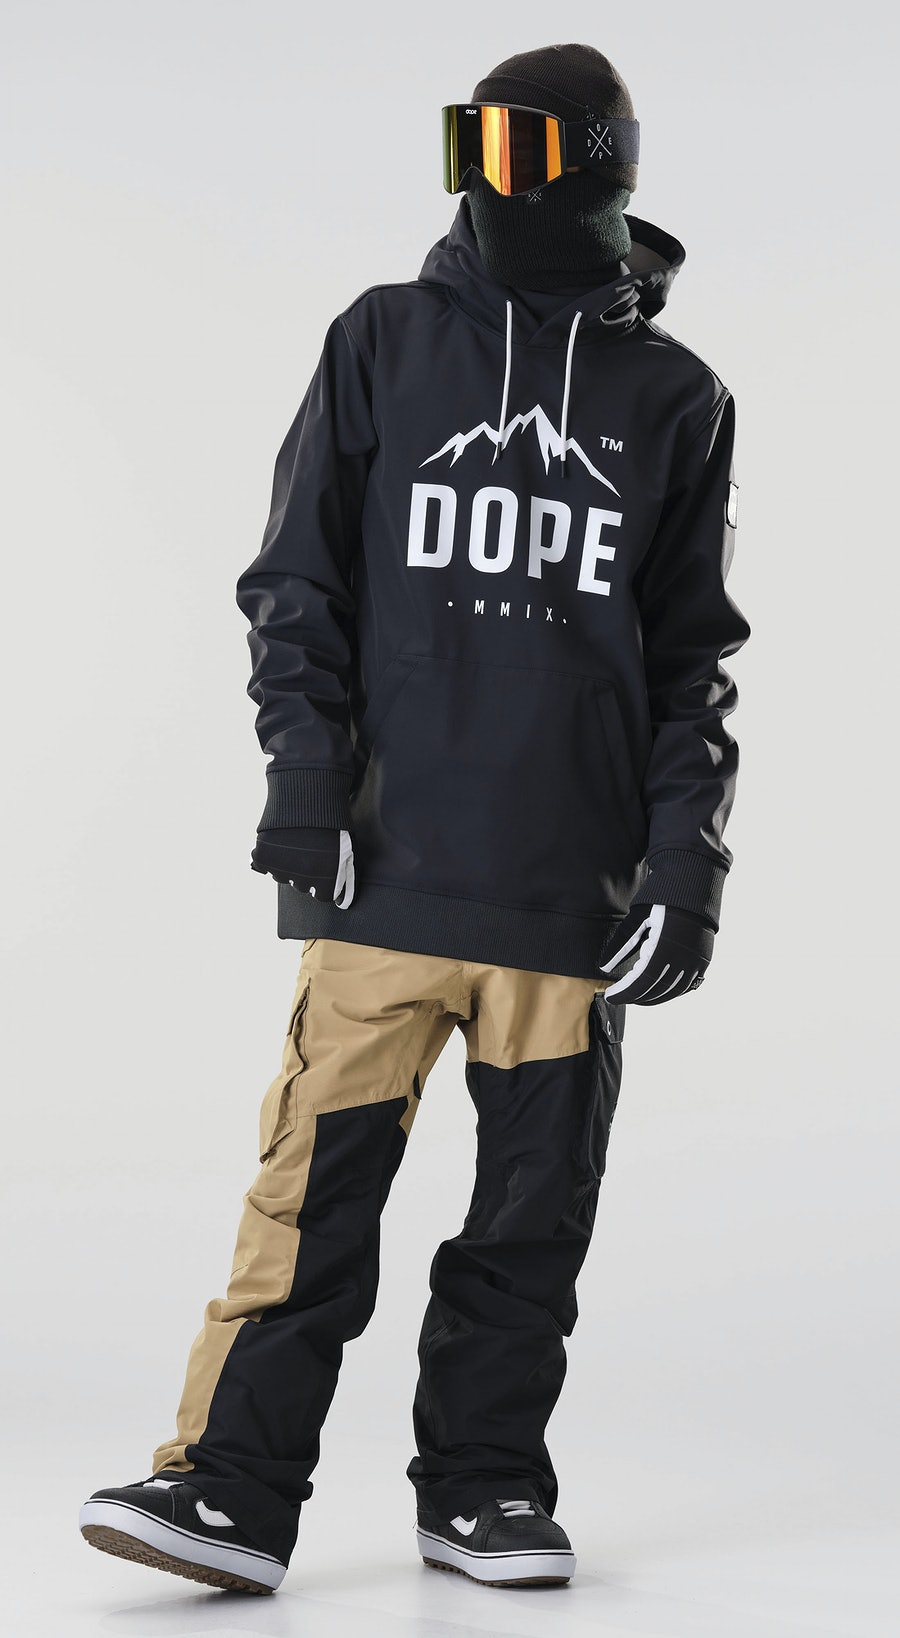 Dope Yeti Paradise Black Vêtements de Snowboard  Multi